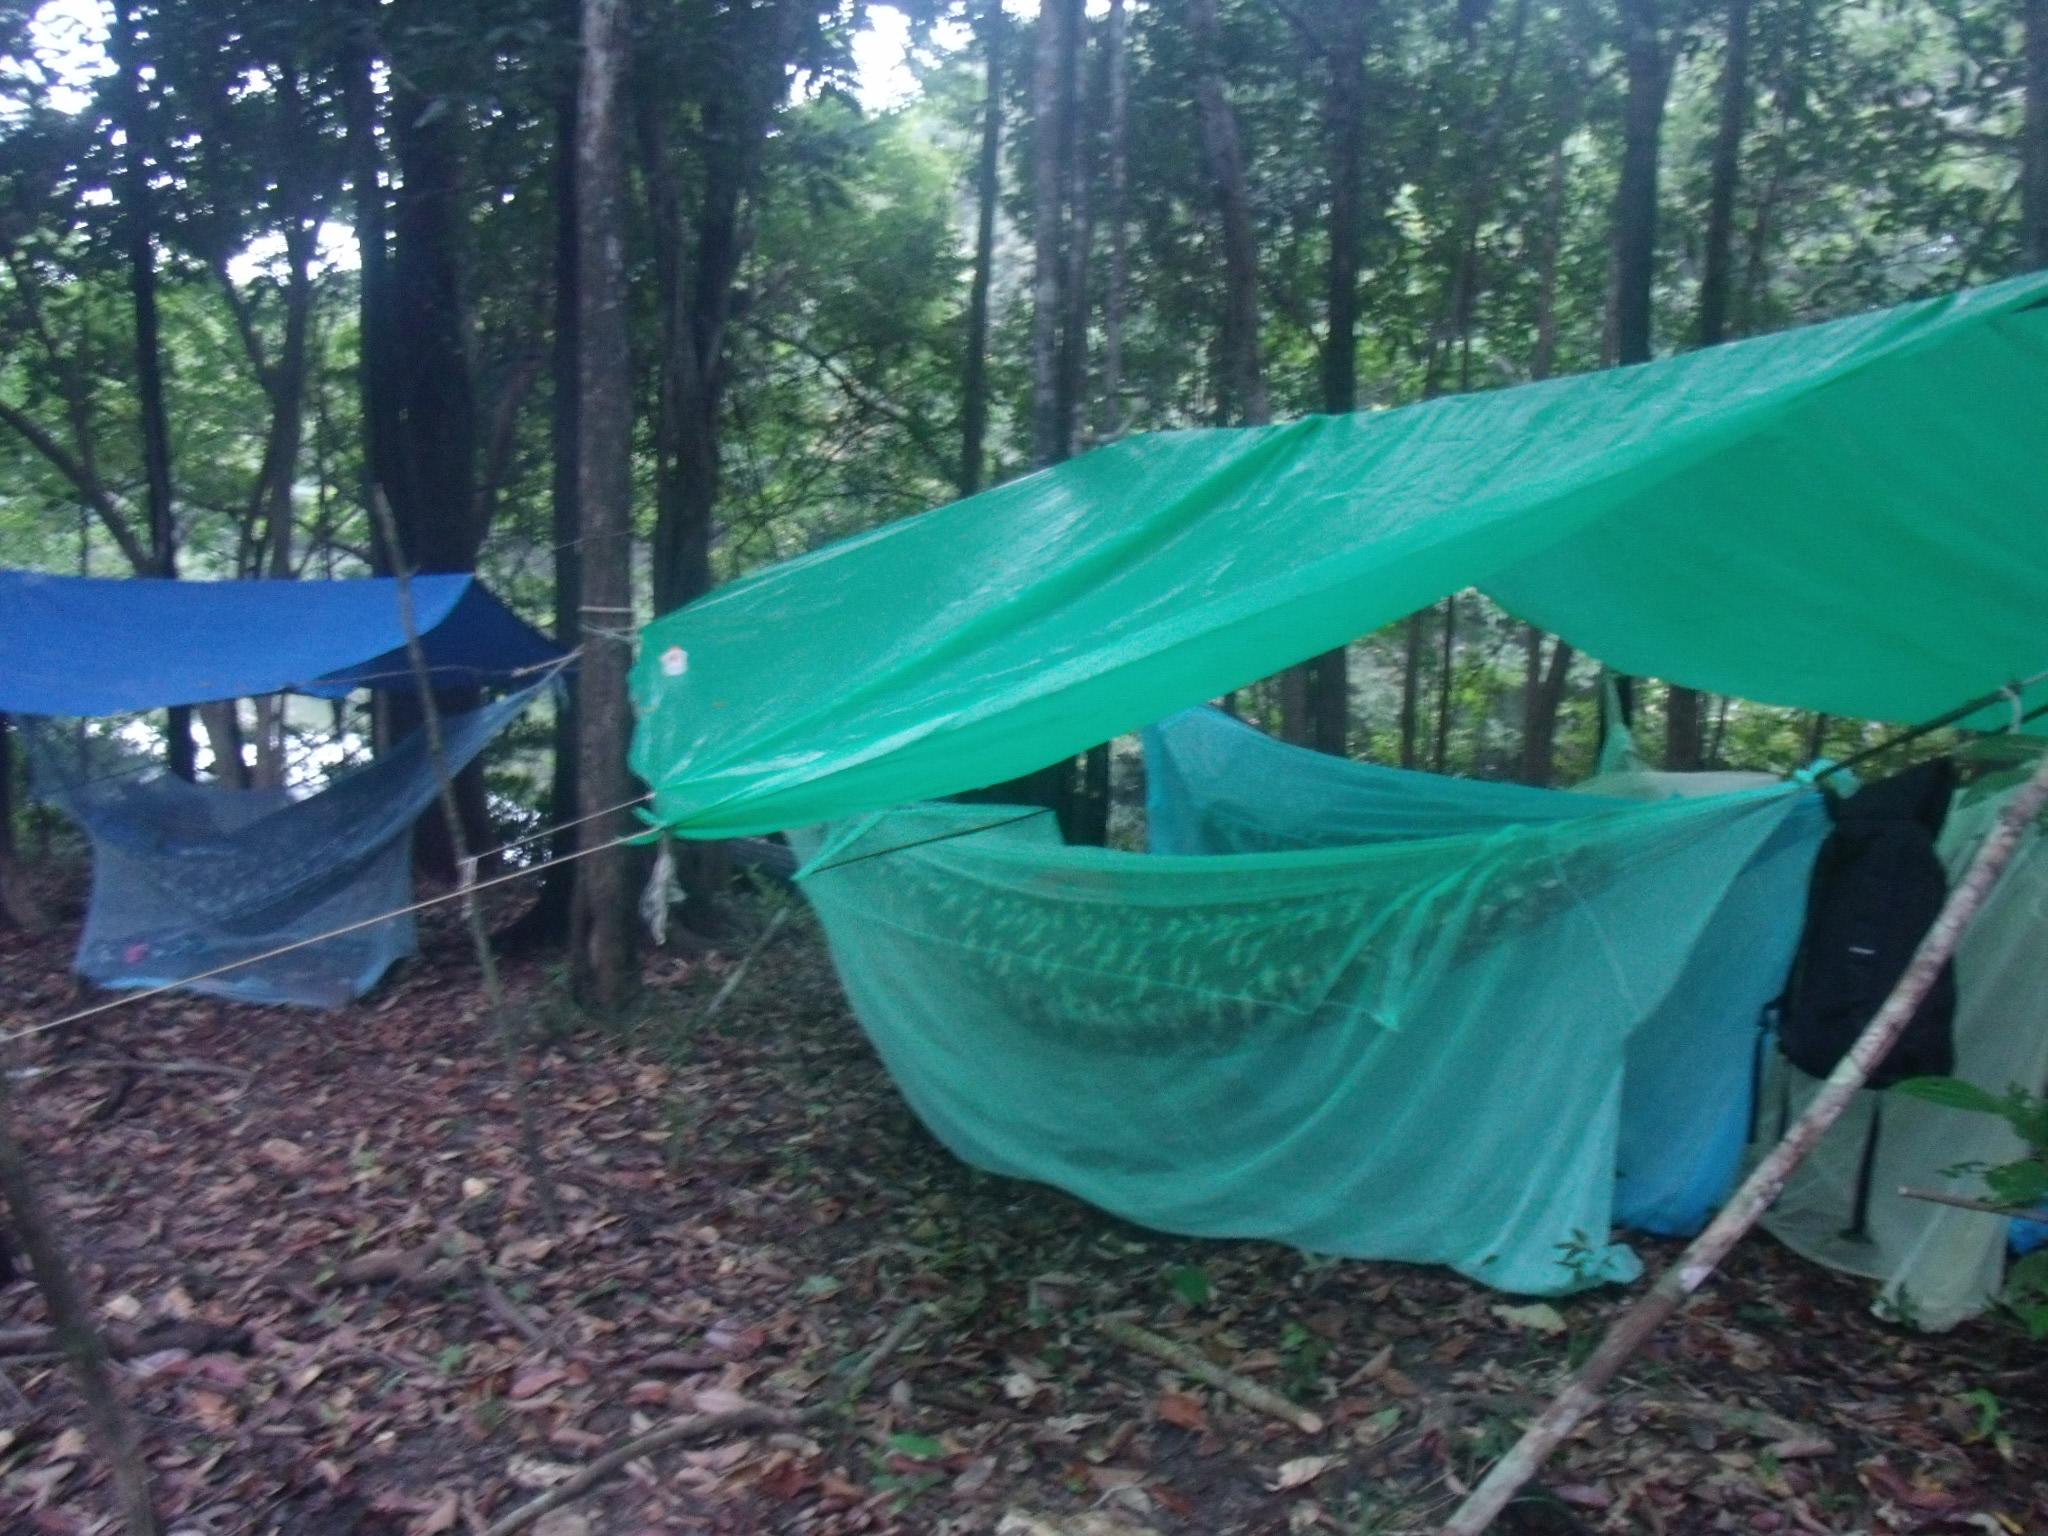 Campsite in Jungle of Amazon